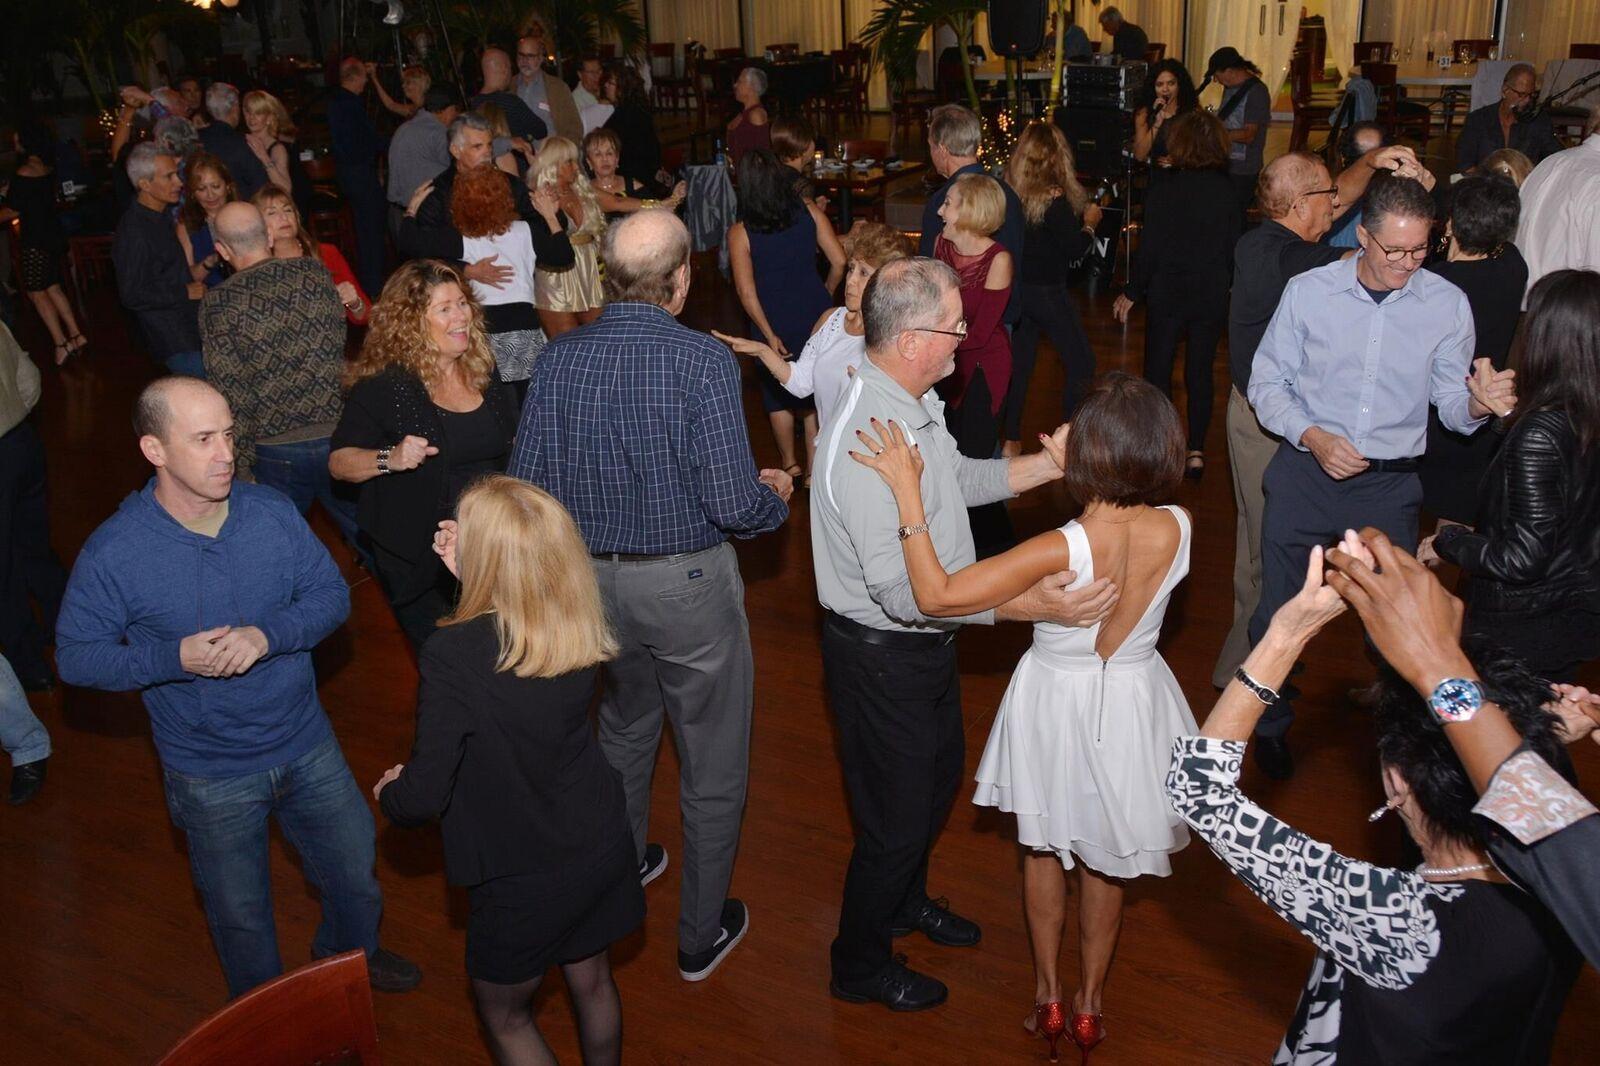 dance floor 3.jpg